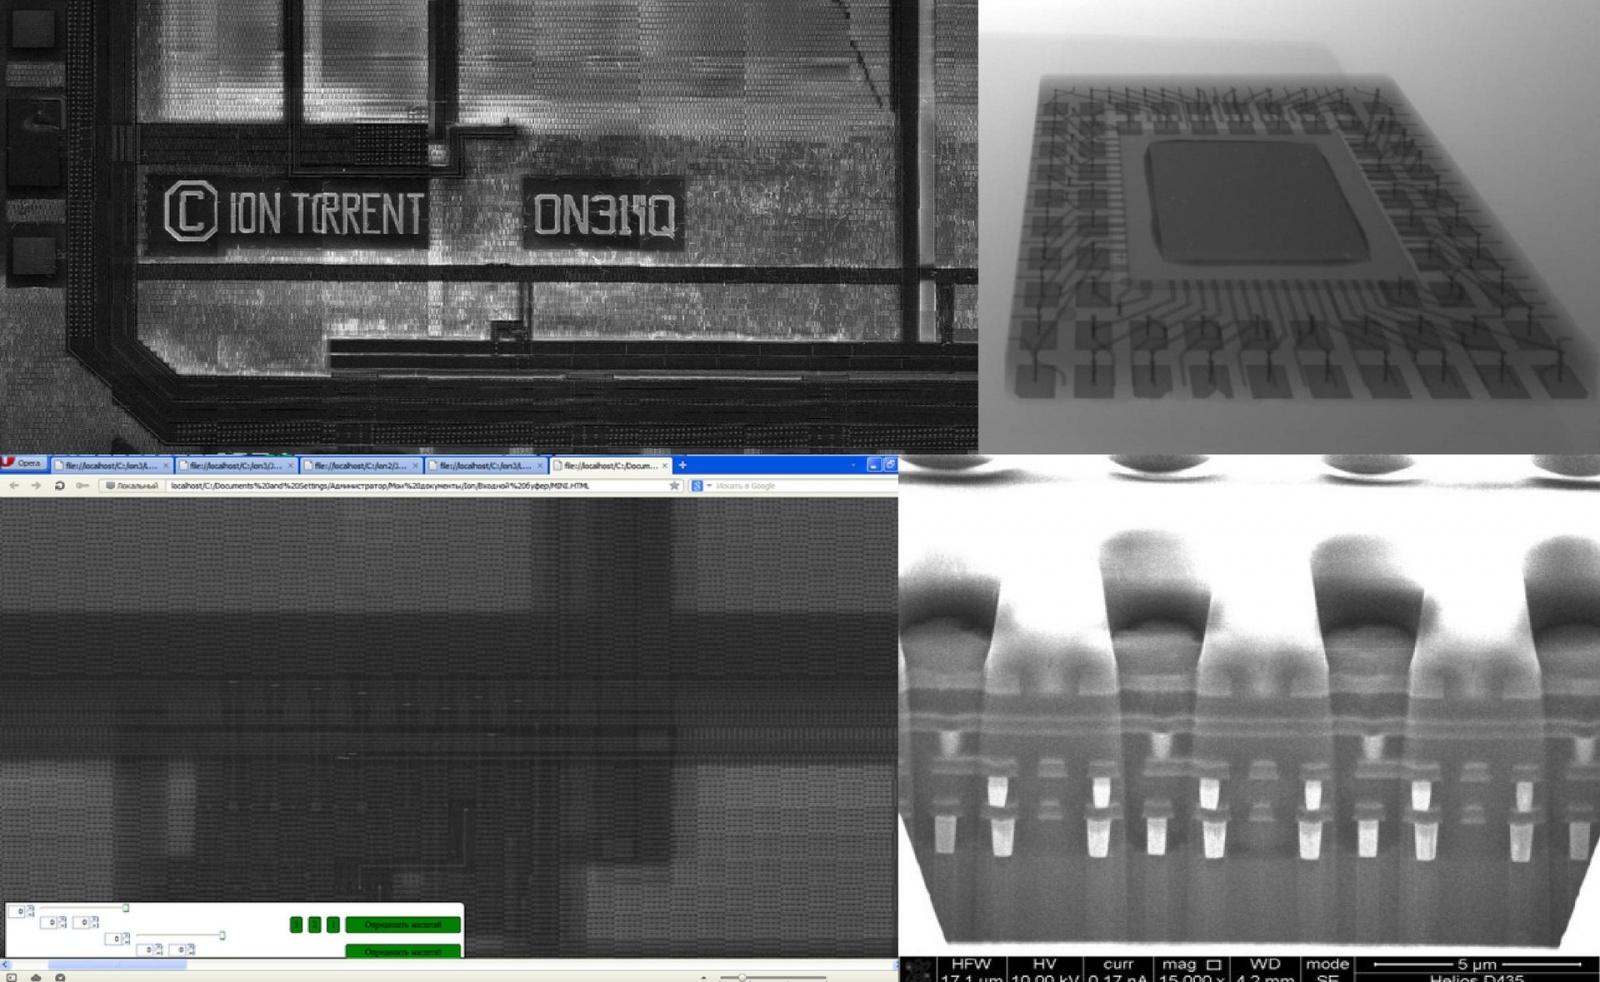 Секвенирование ДНК в домашних условиях: Как на коленке собрать прибор за 10 миллионов - 8